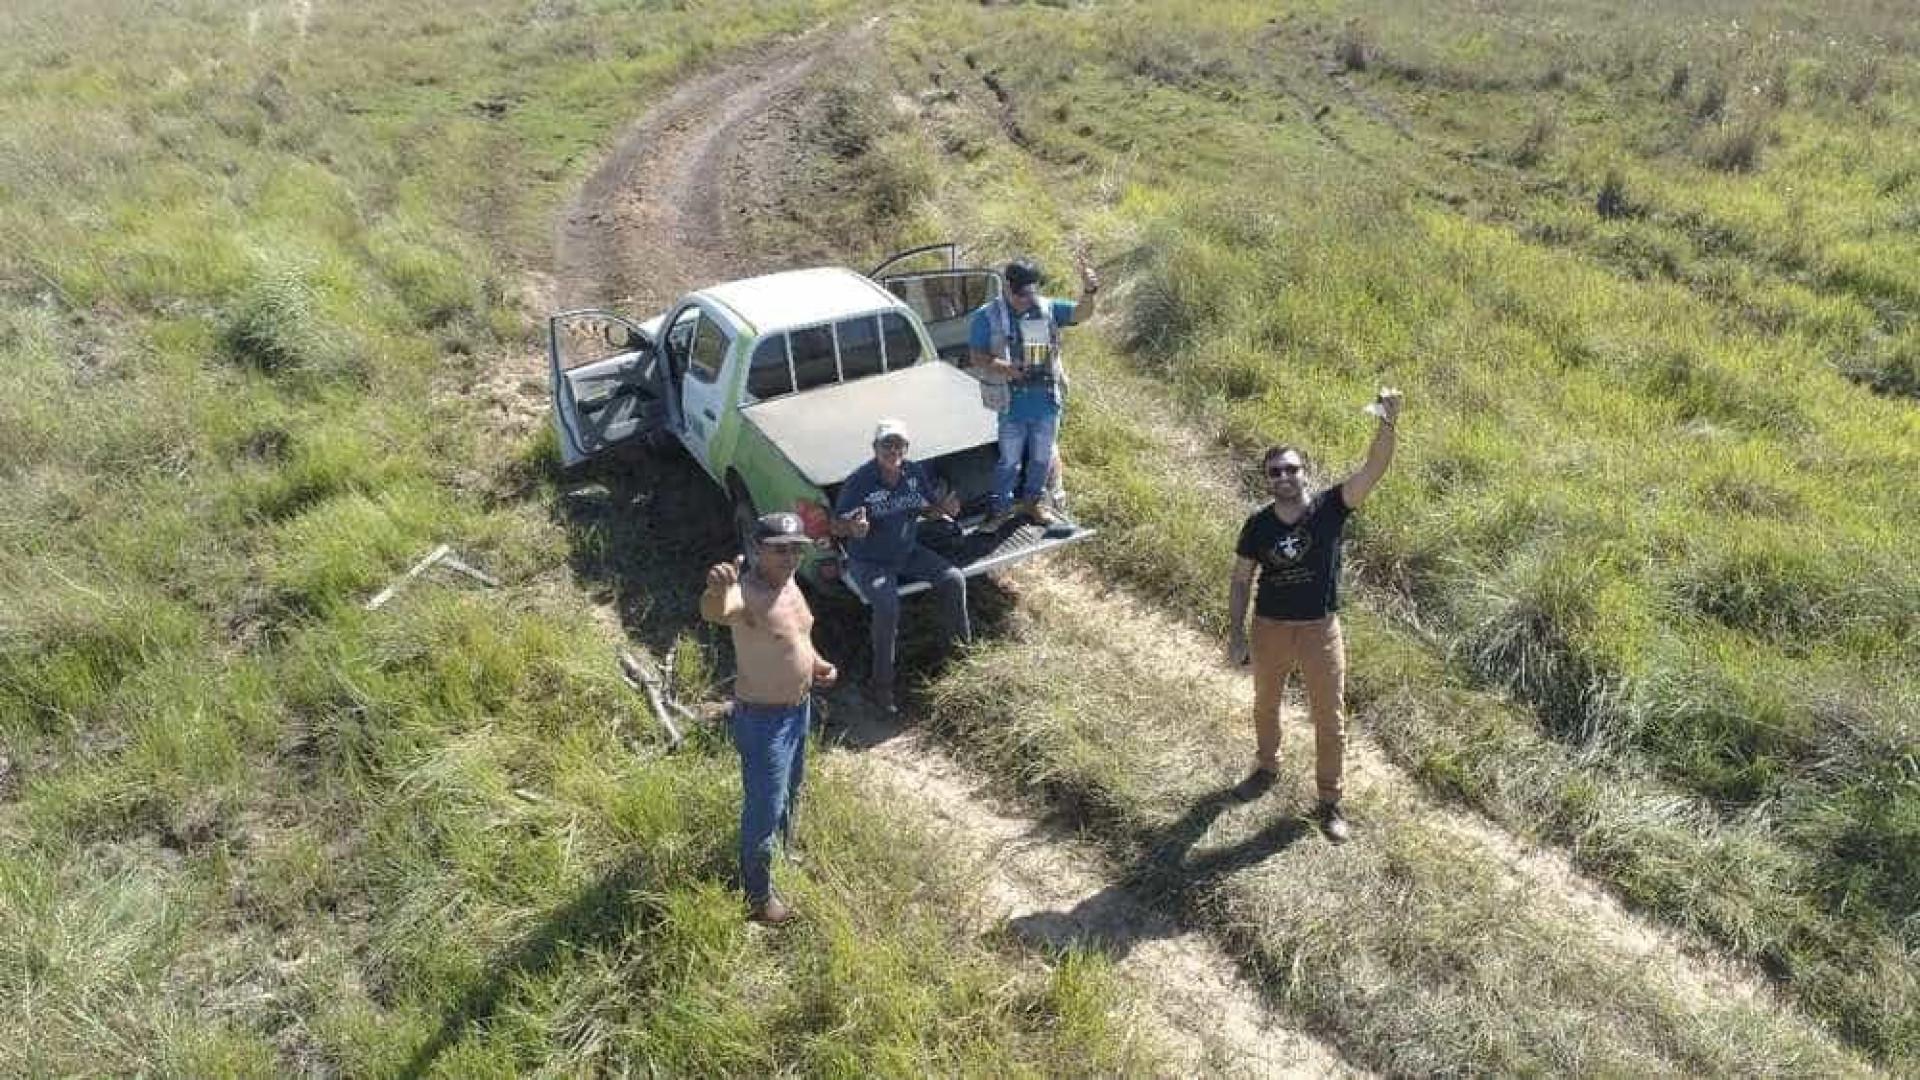 Equipe usa drone para pedir socorro no meio do Pantanal